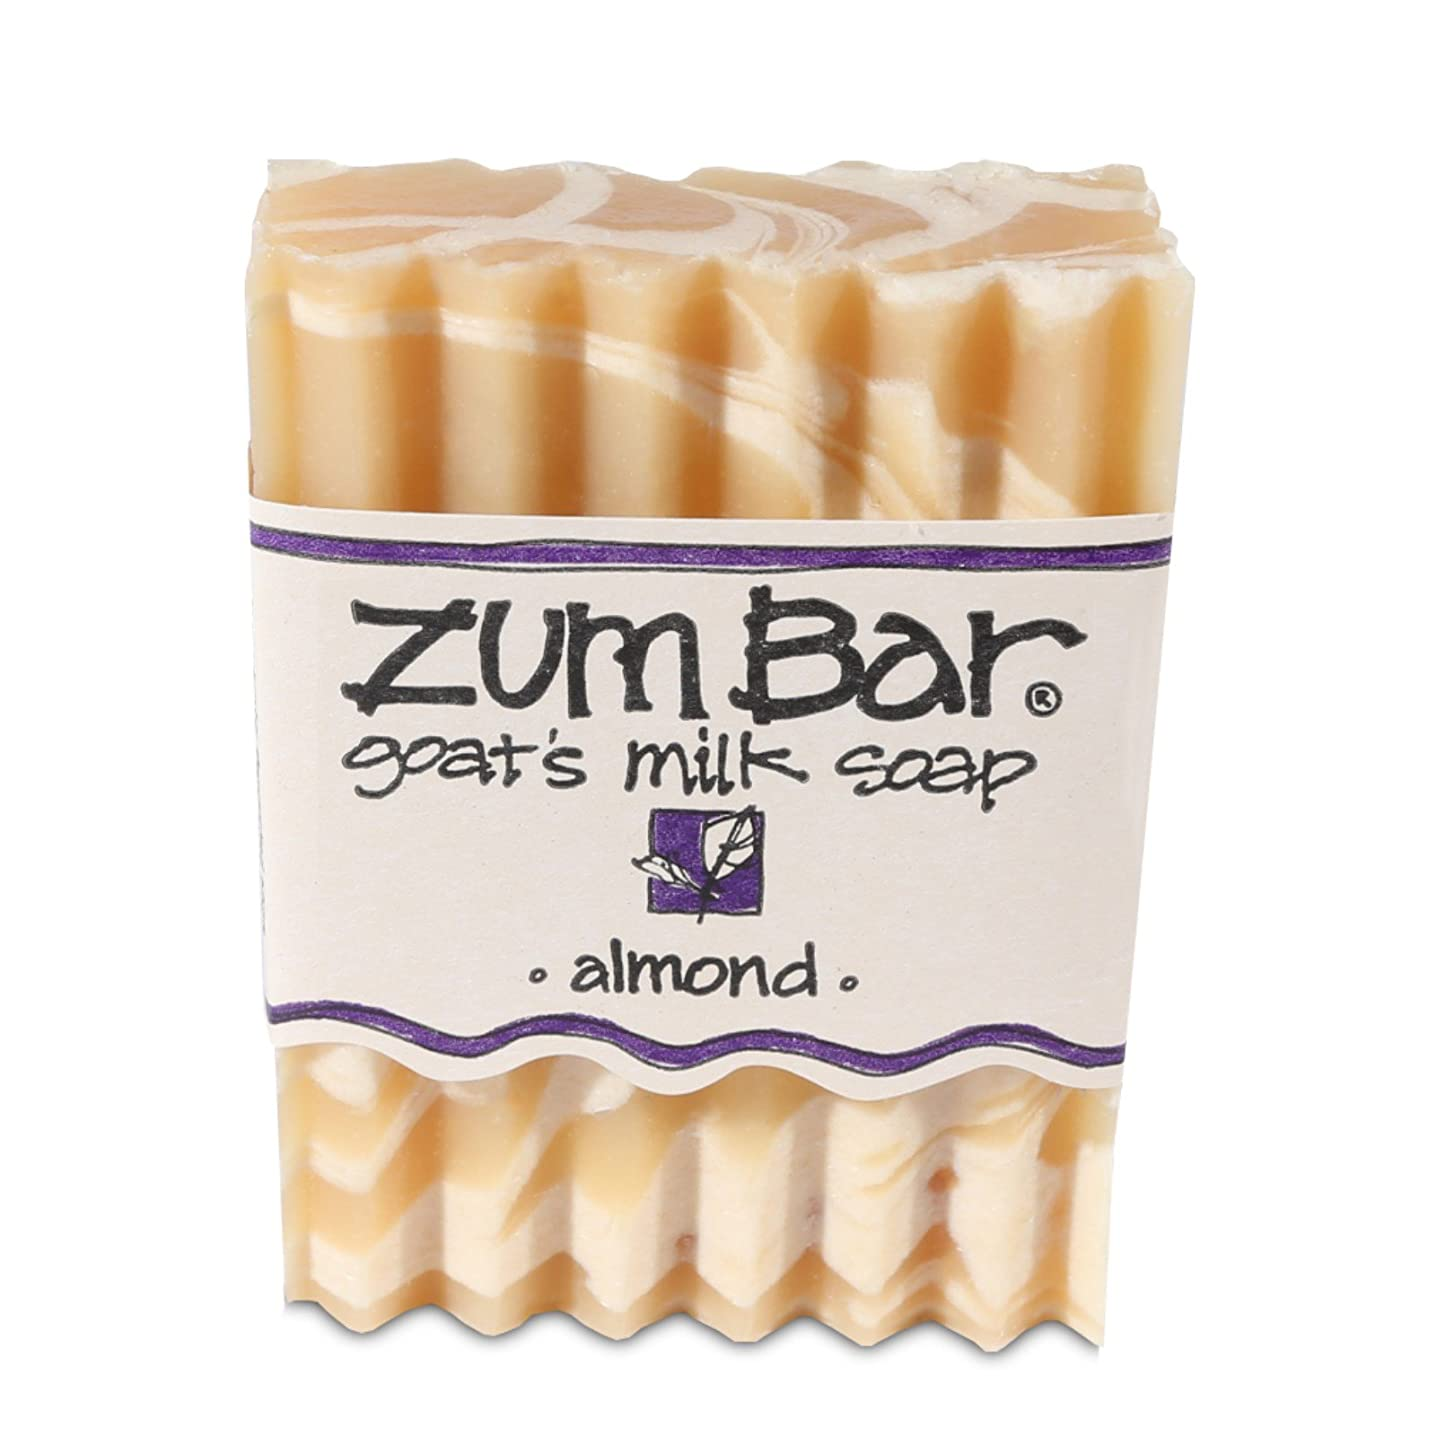 トーク拡散する悲観主義者海外直送品 Indigo Wild, Zum Bar, Goat's ミルク ソープ アーモンド , 3 Ounces (2個セット) (Almond) [並行輸入品]